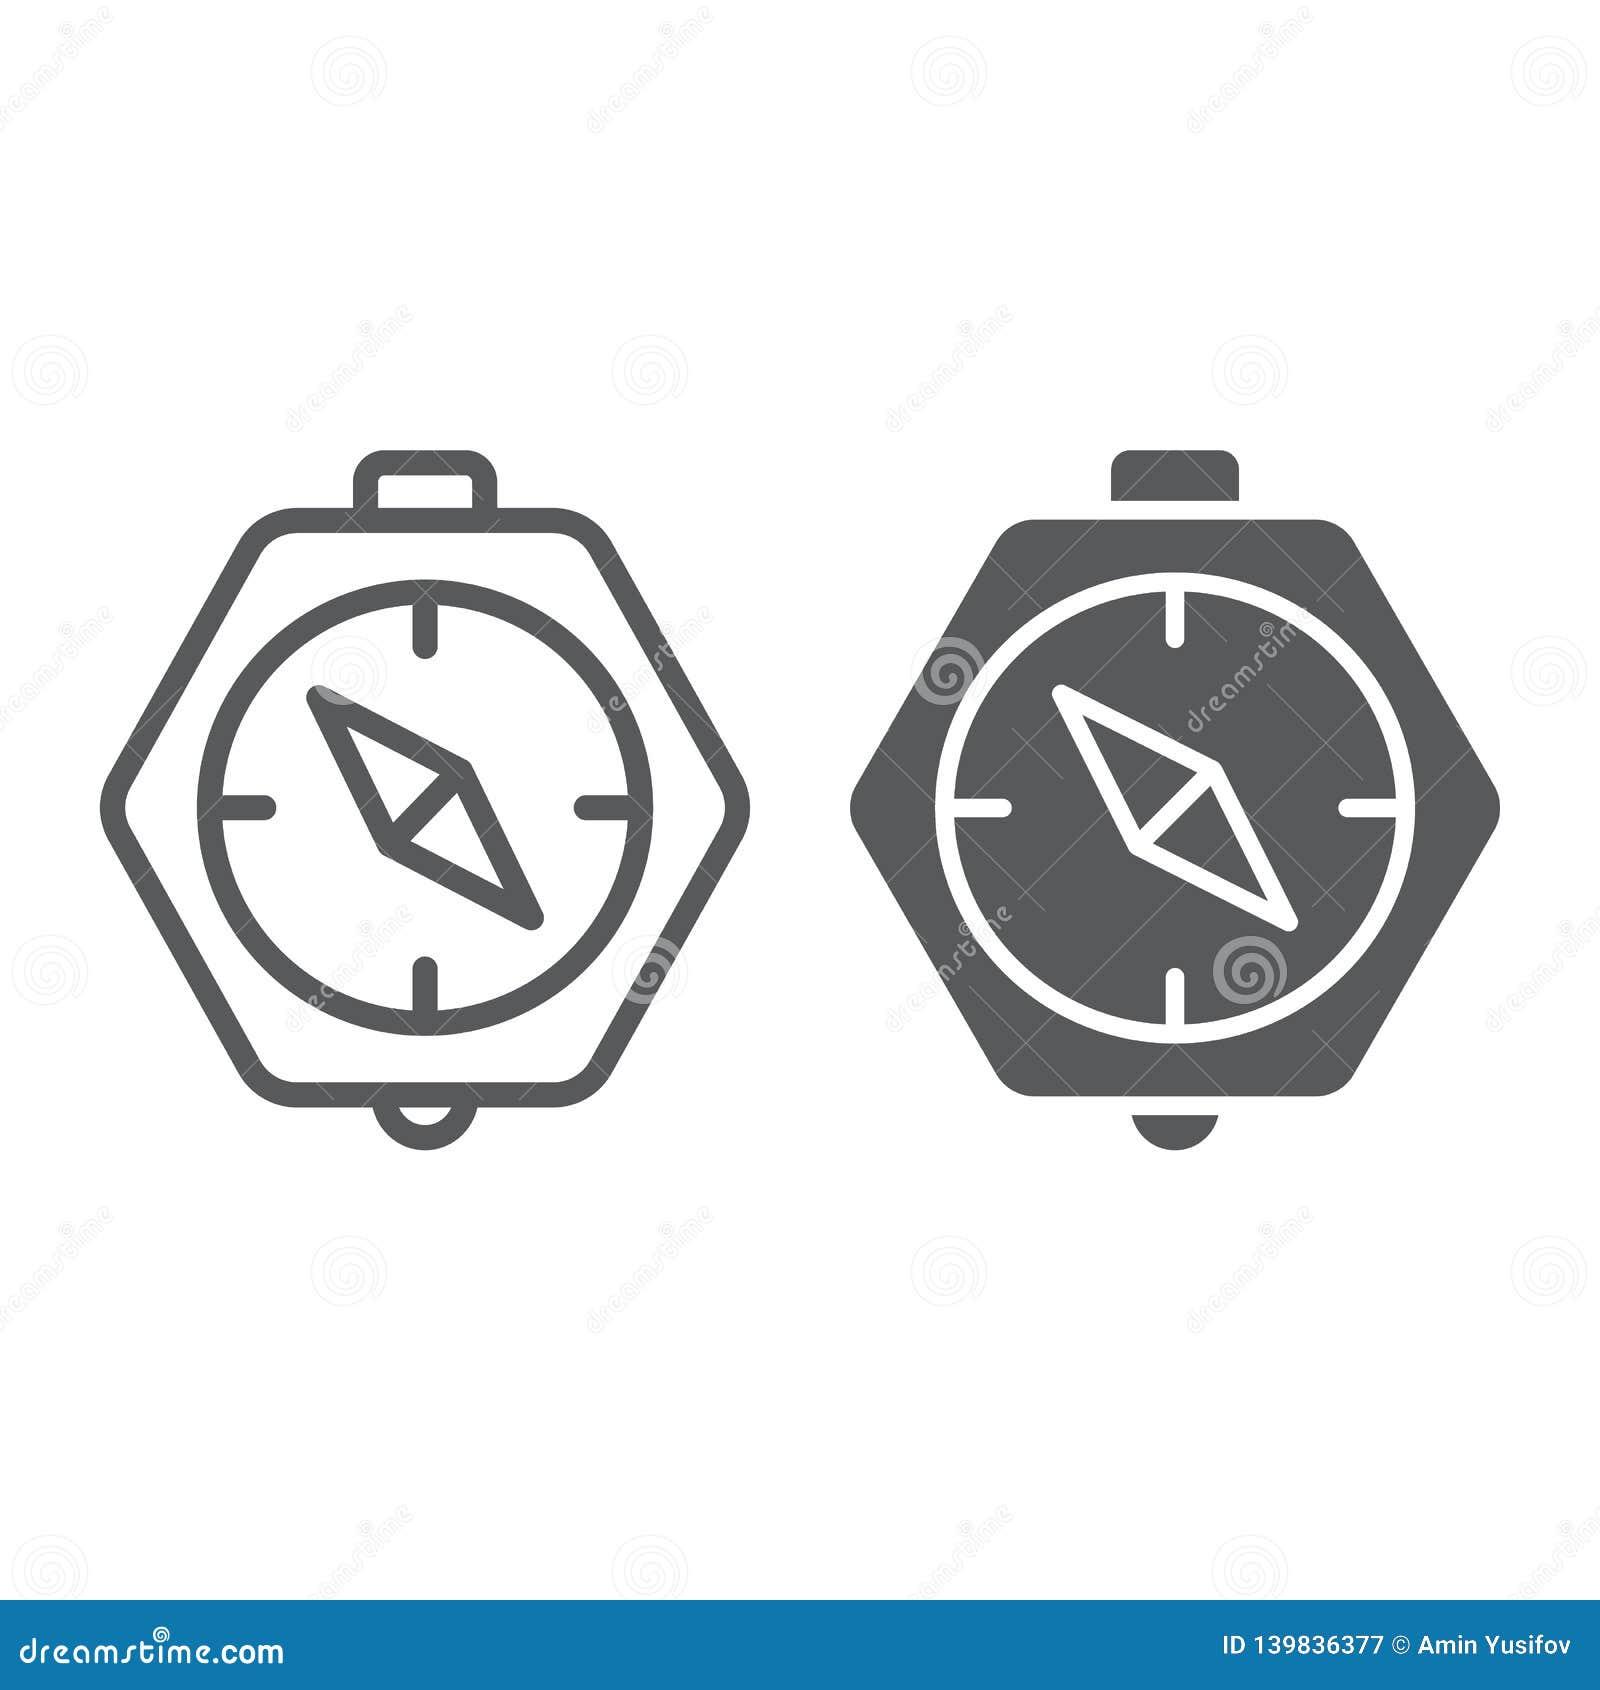 Kompaslijn en glyph pictogram, aardrijkskunde en richting, navigatieteken, vectorafbeeldingen, een lineair patroon op een wit